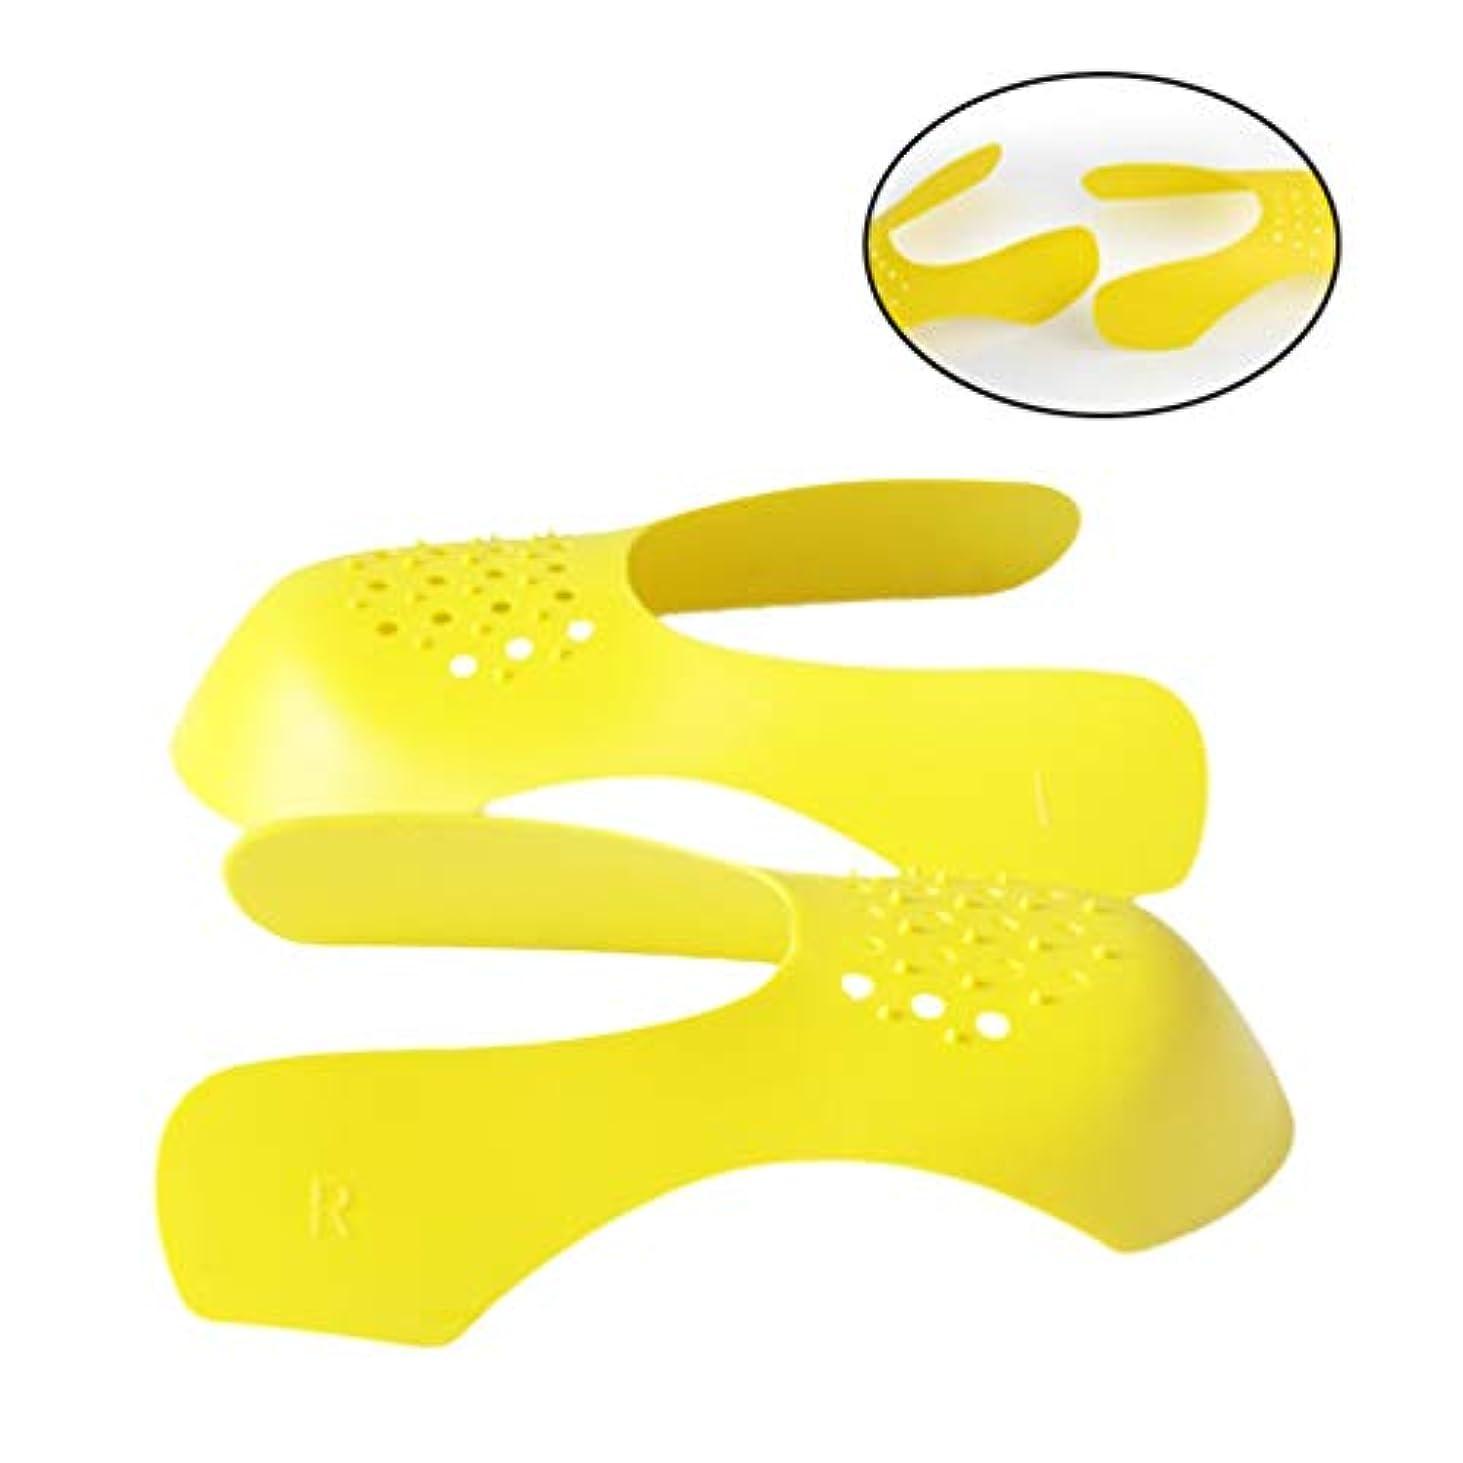 ミルリング寝てるHEALLILY 靴プロテクター1組のしわ防止装置しわ防止フロントしわ靴サポートサイズs 35-39(黄色)